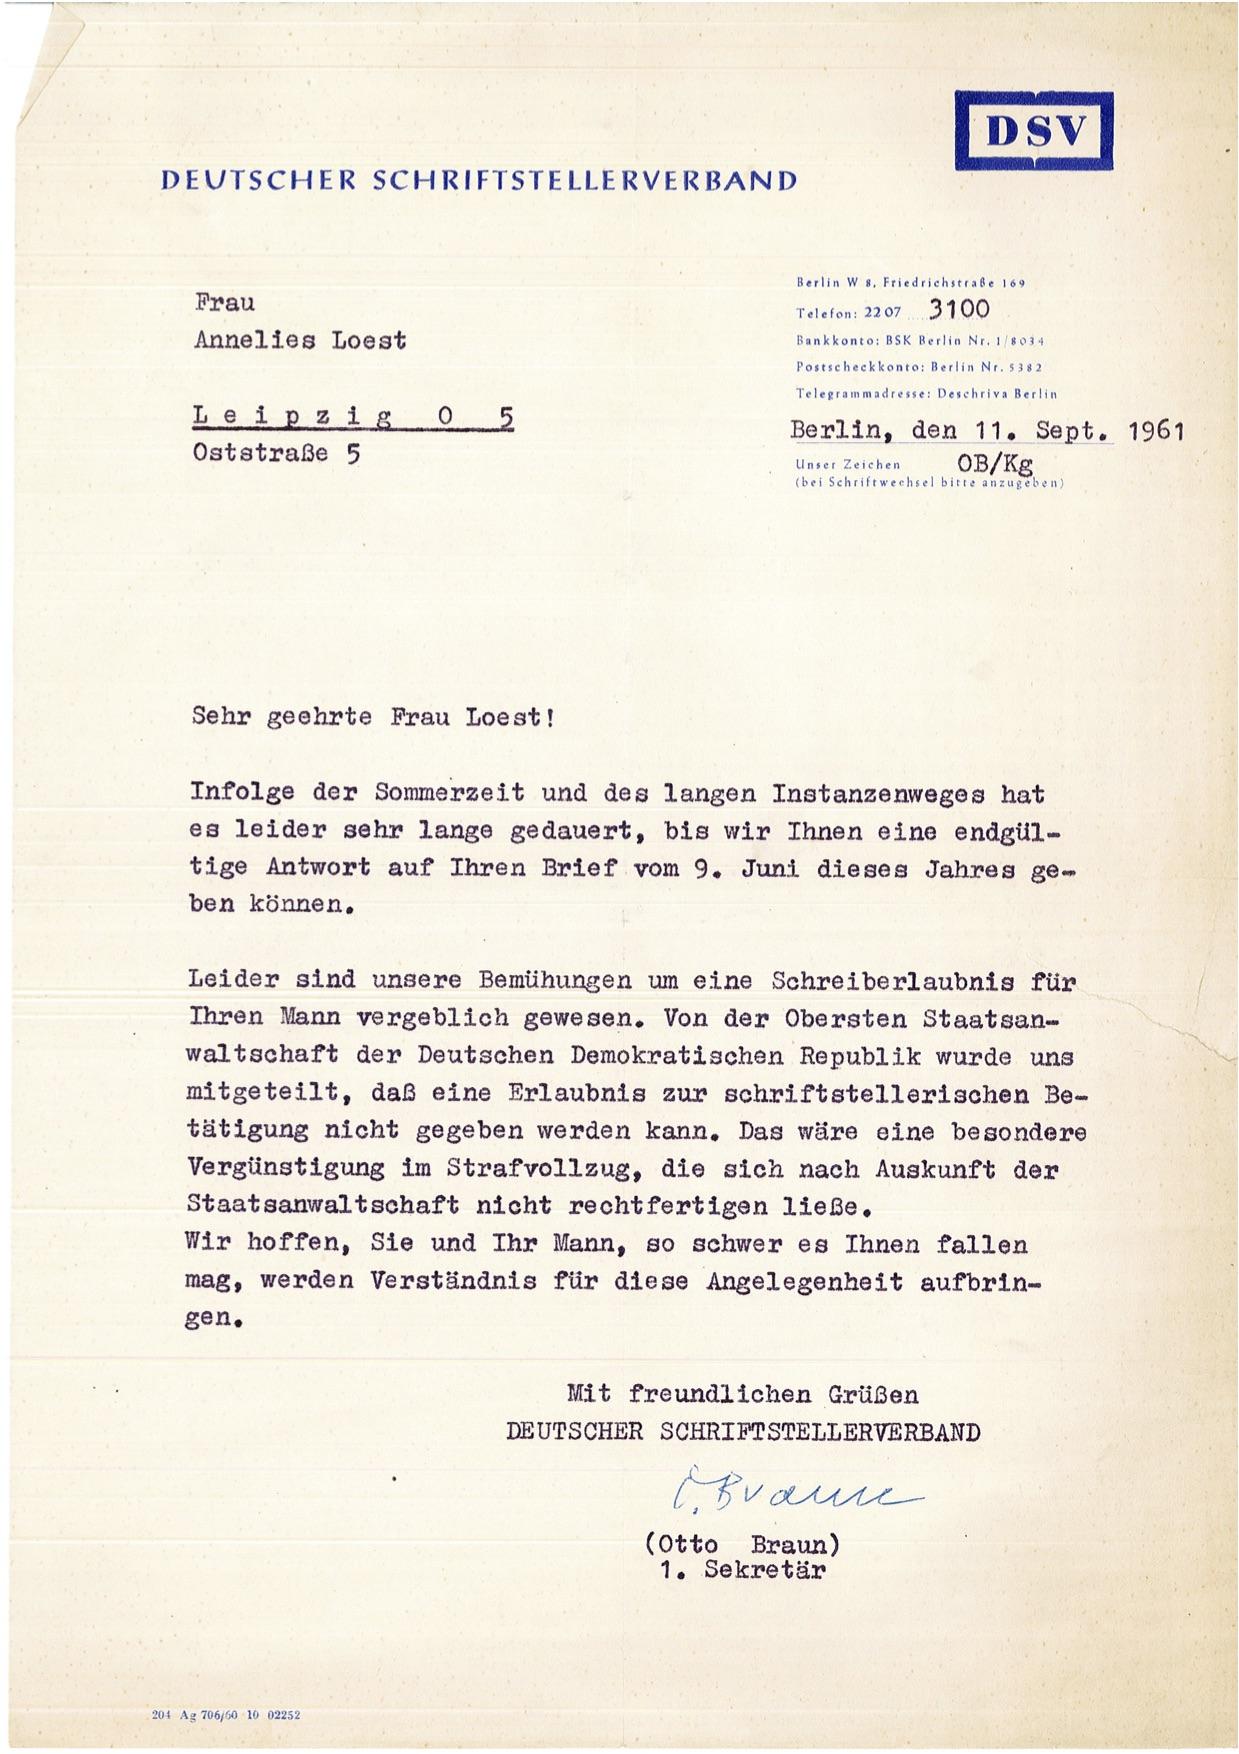 Briefe des Deutschen Schriftstellerverbands (1961) und des Generalstaatsanwalts (1958) an Annelies Loest